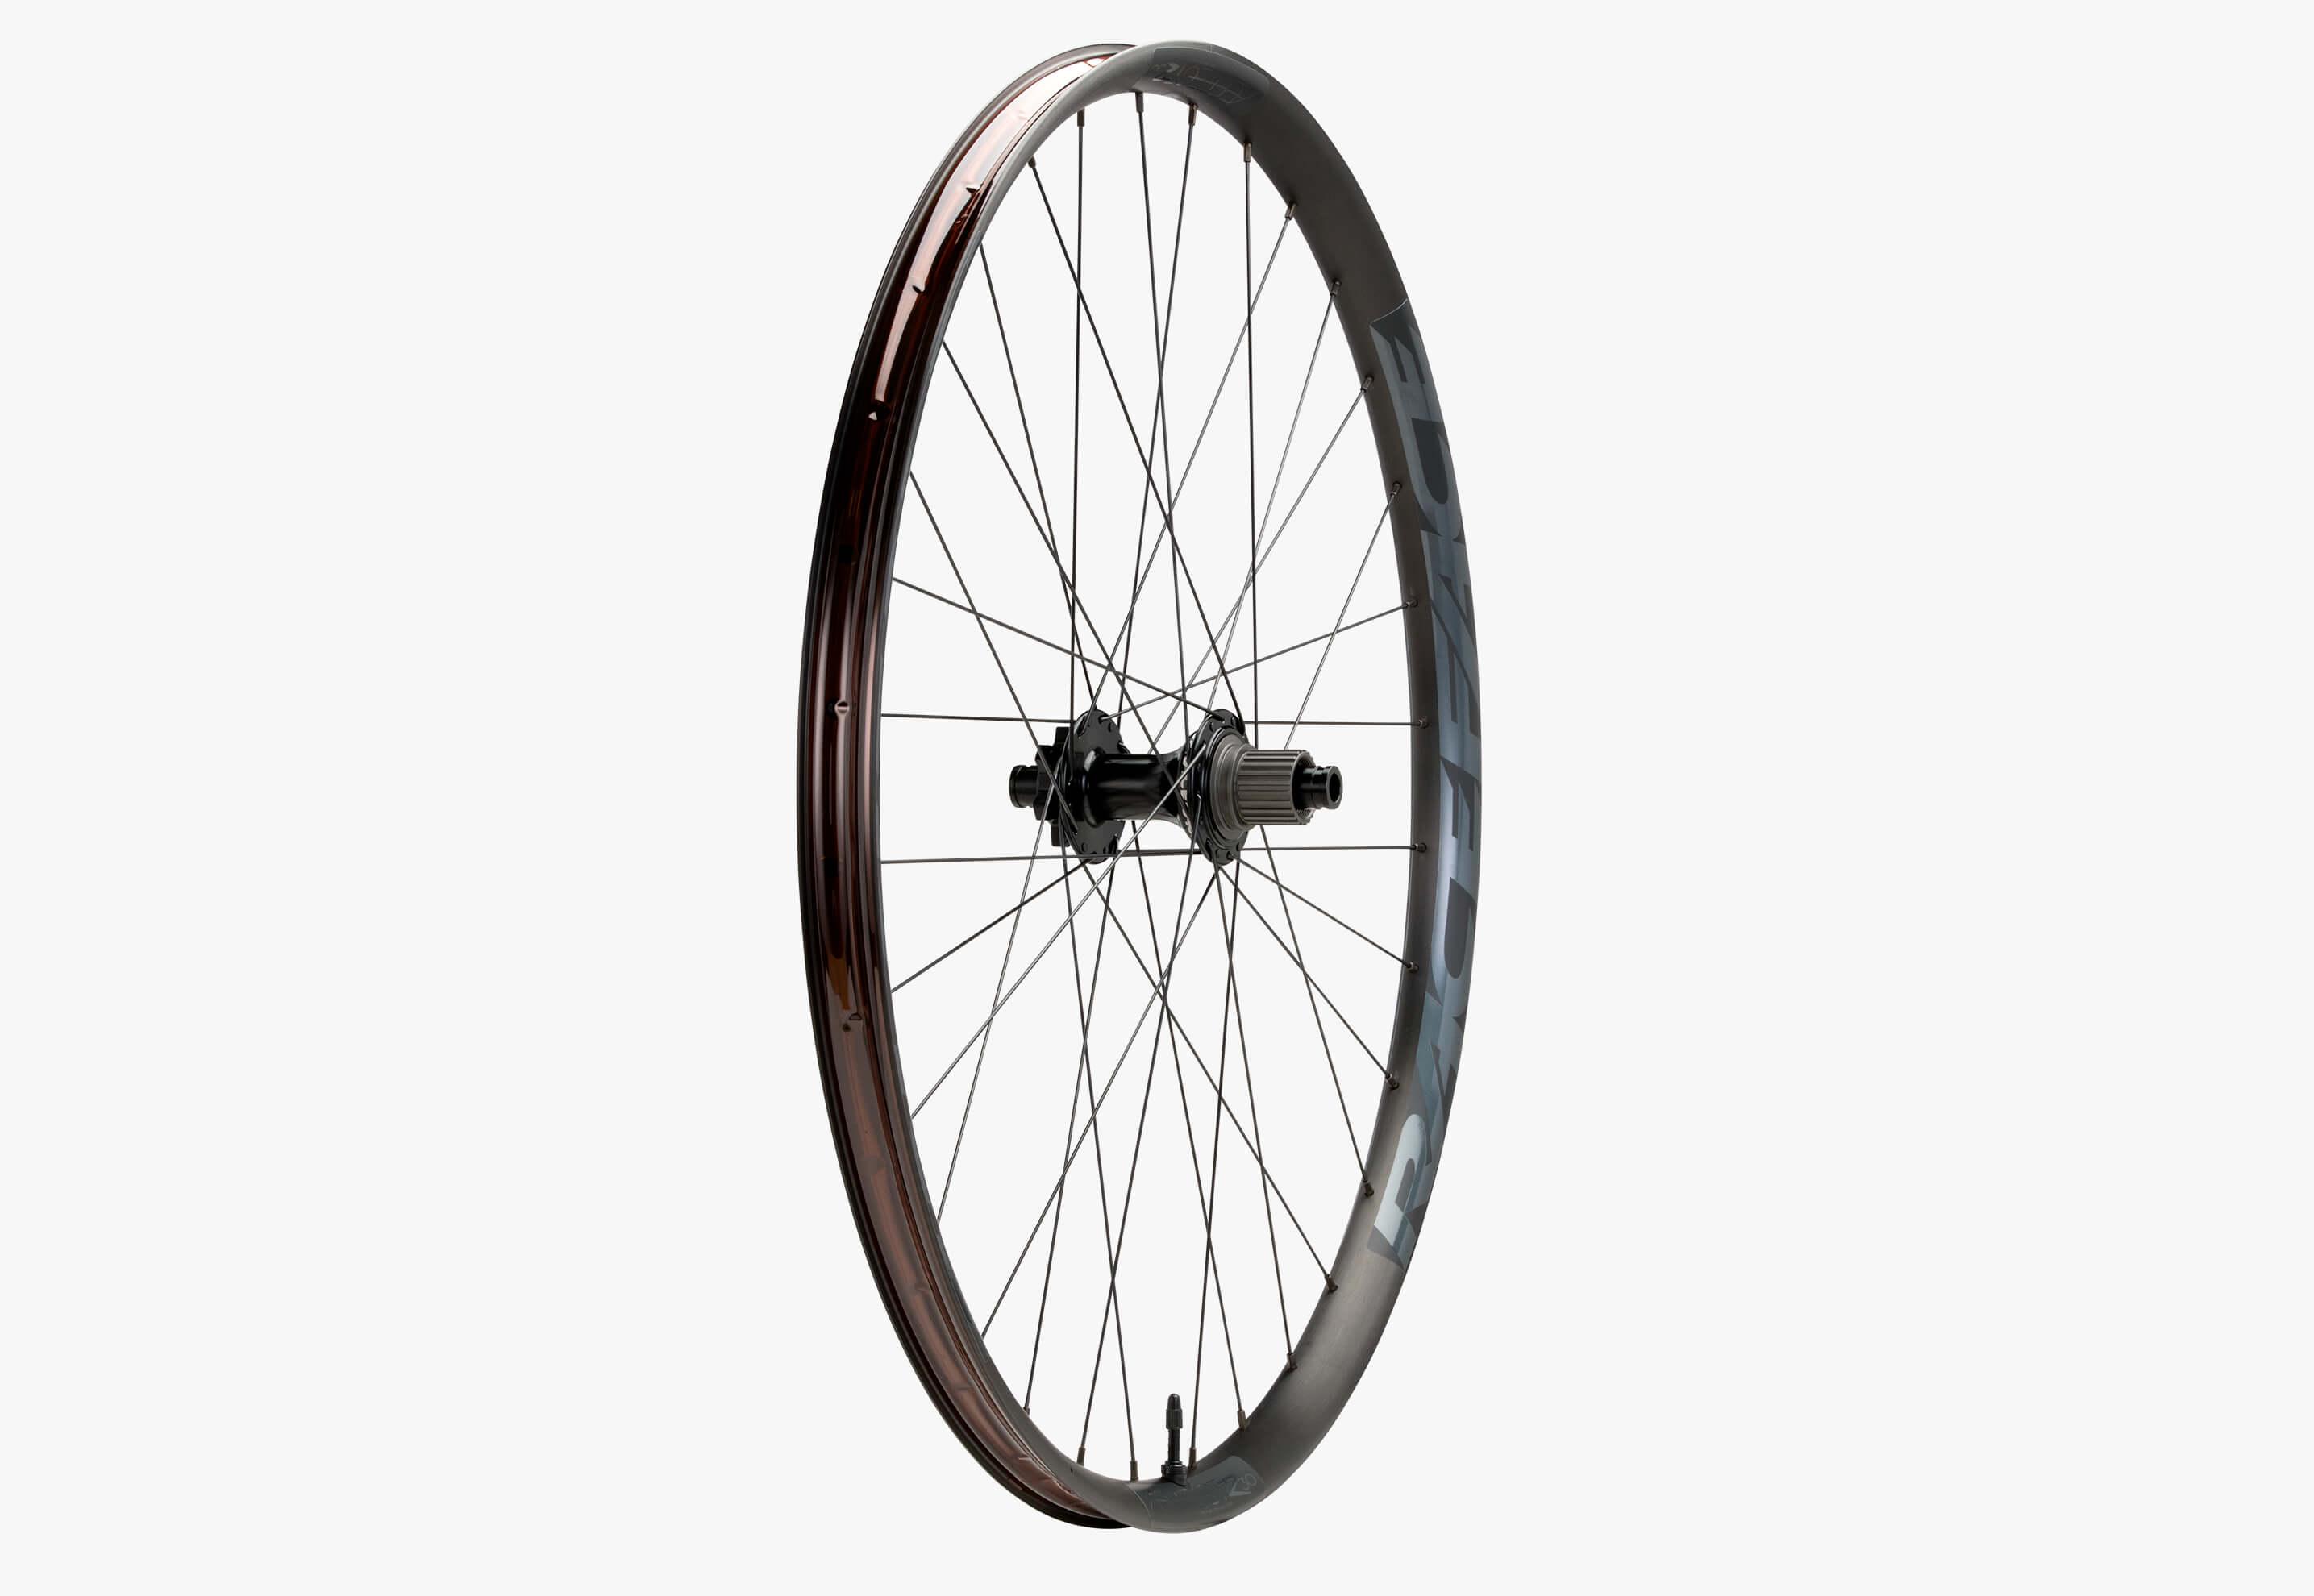 Aeffect R eMTB Wheel